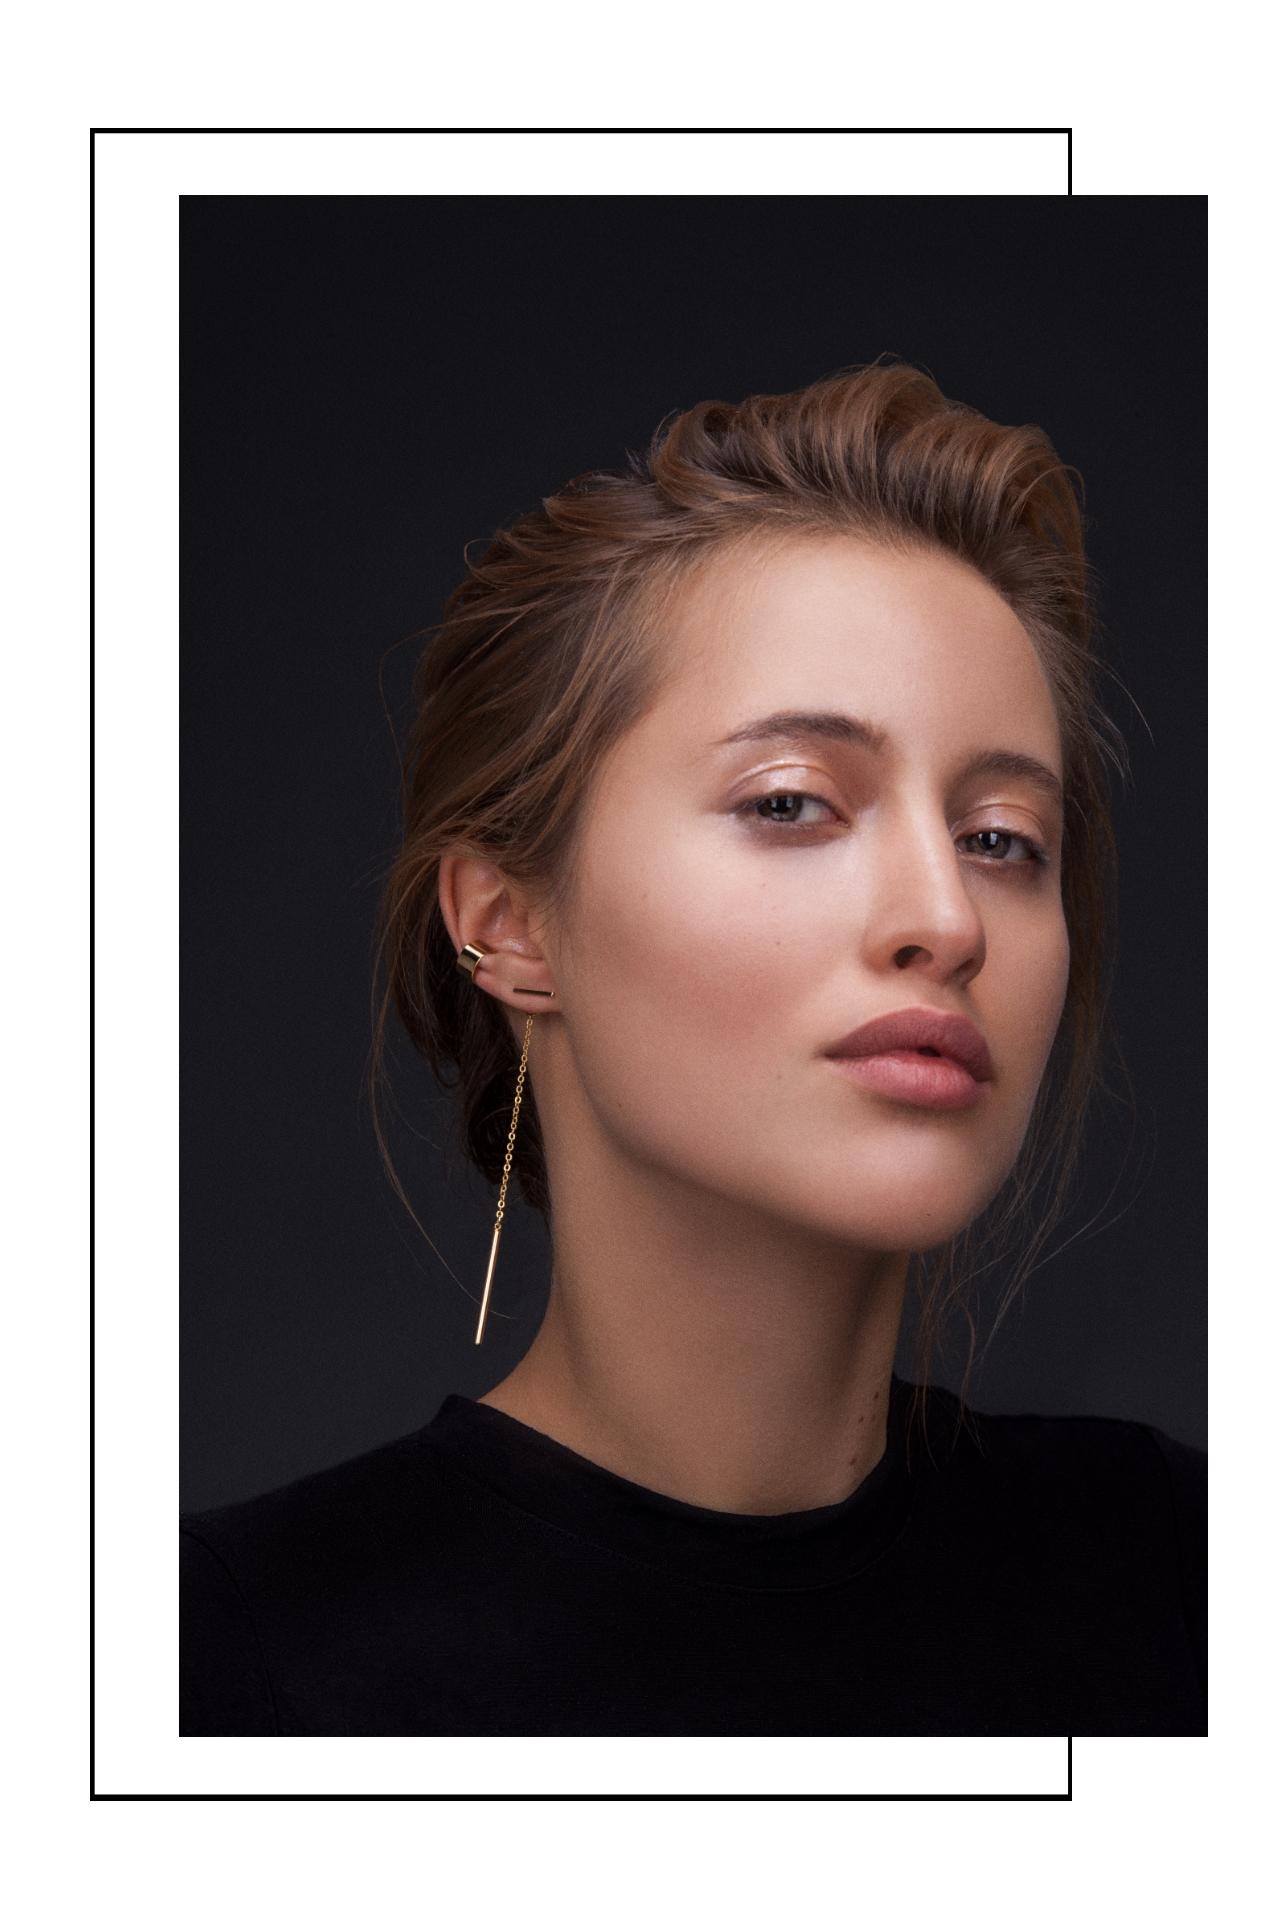 Vorne und hinten Ohrringe tragen Madeleine Issing